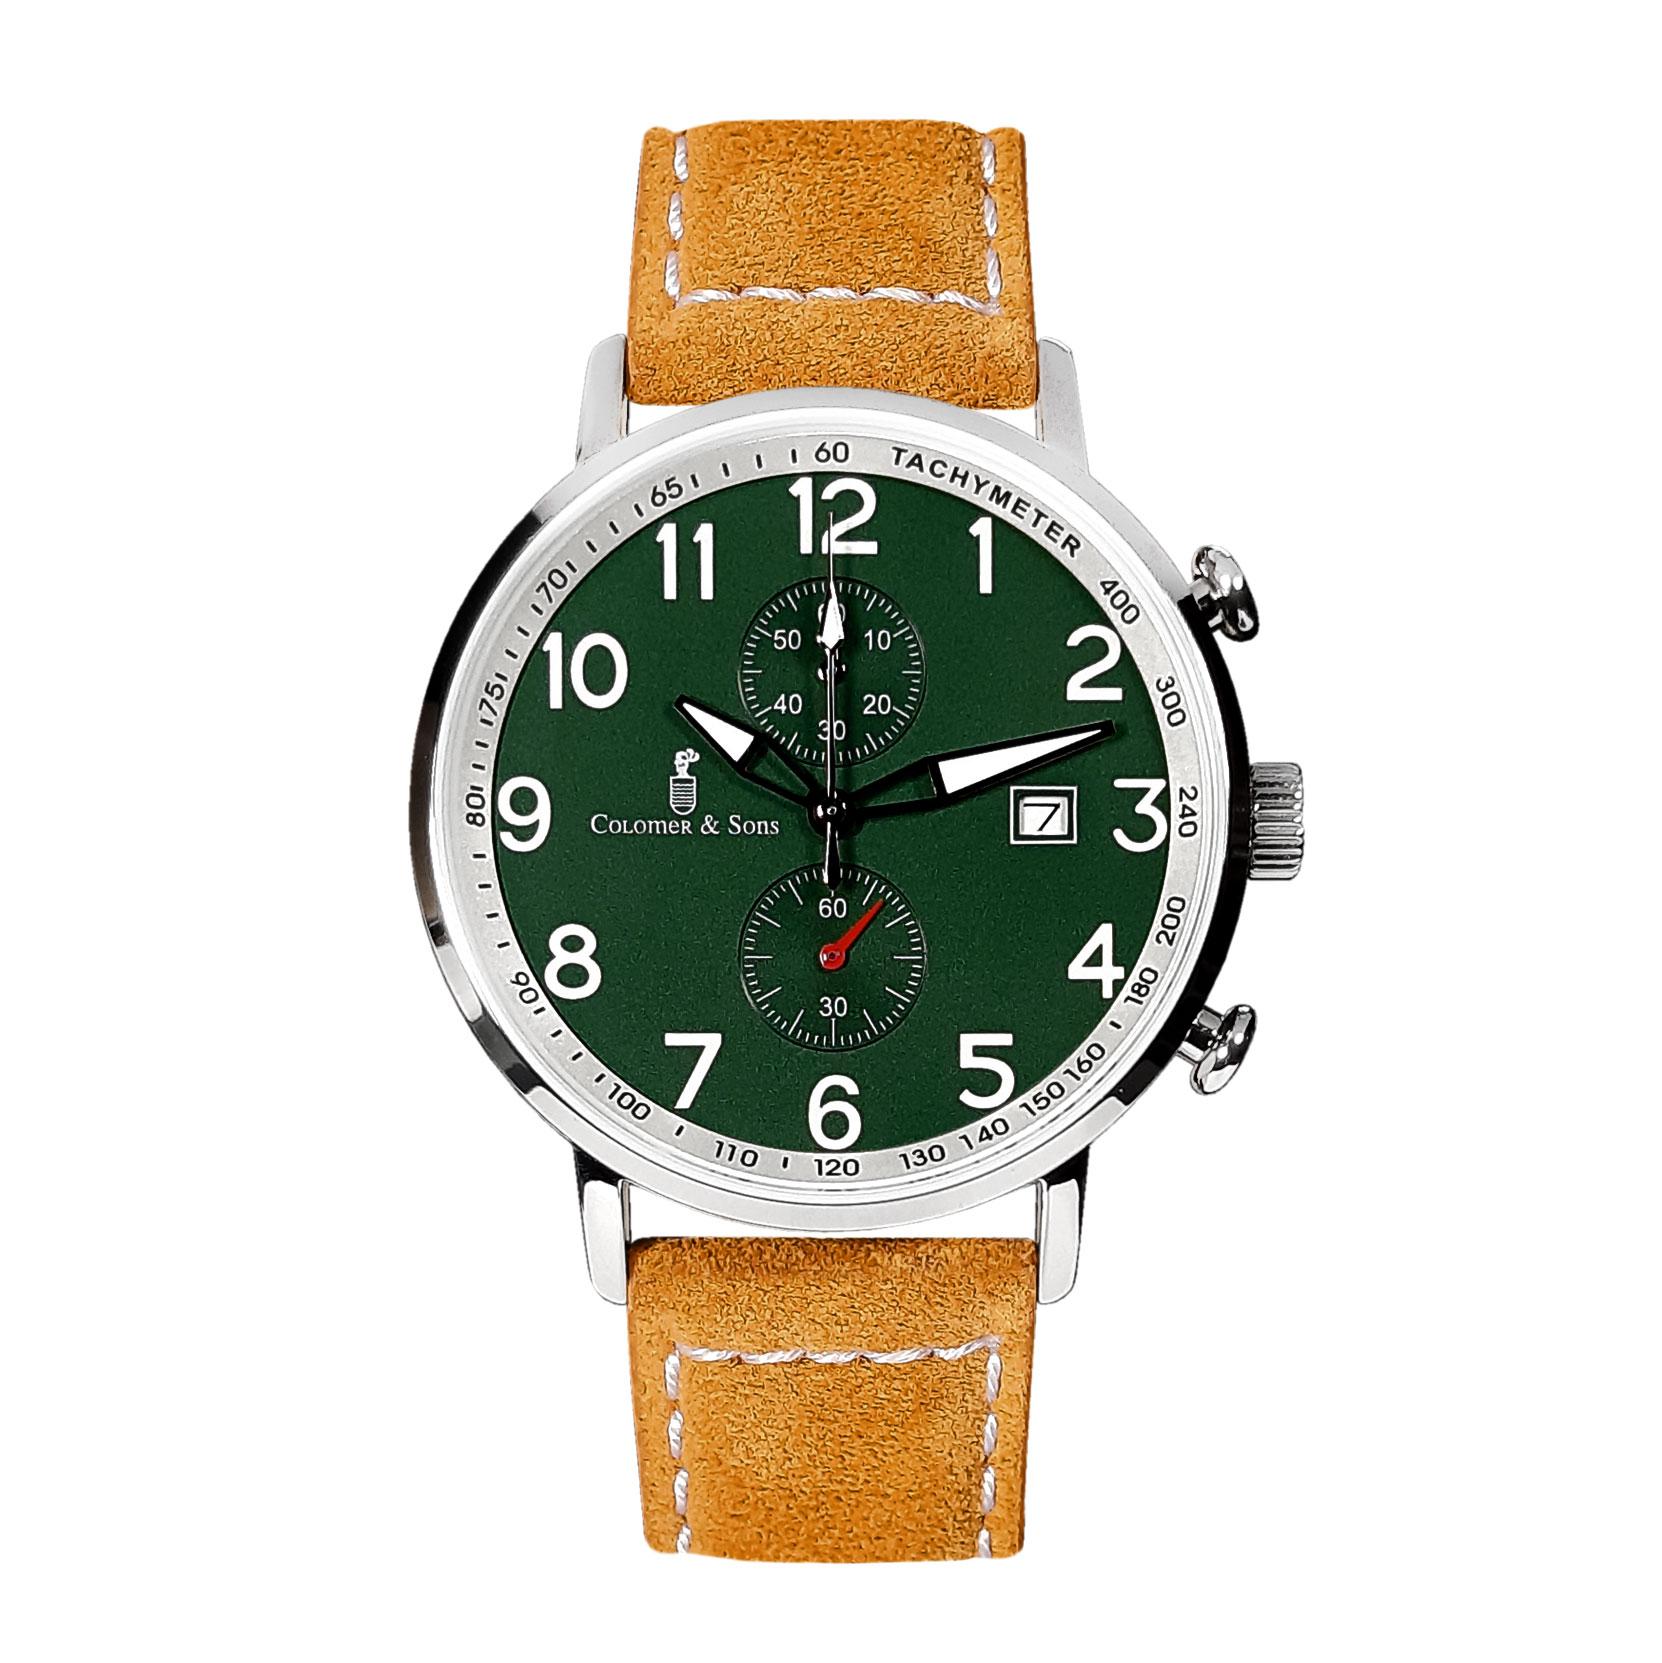 Comprar reloj Ocean Multifunction